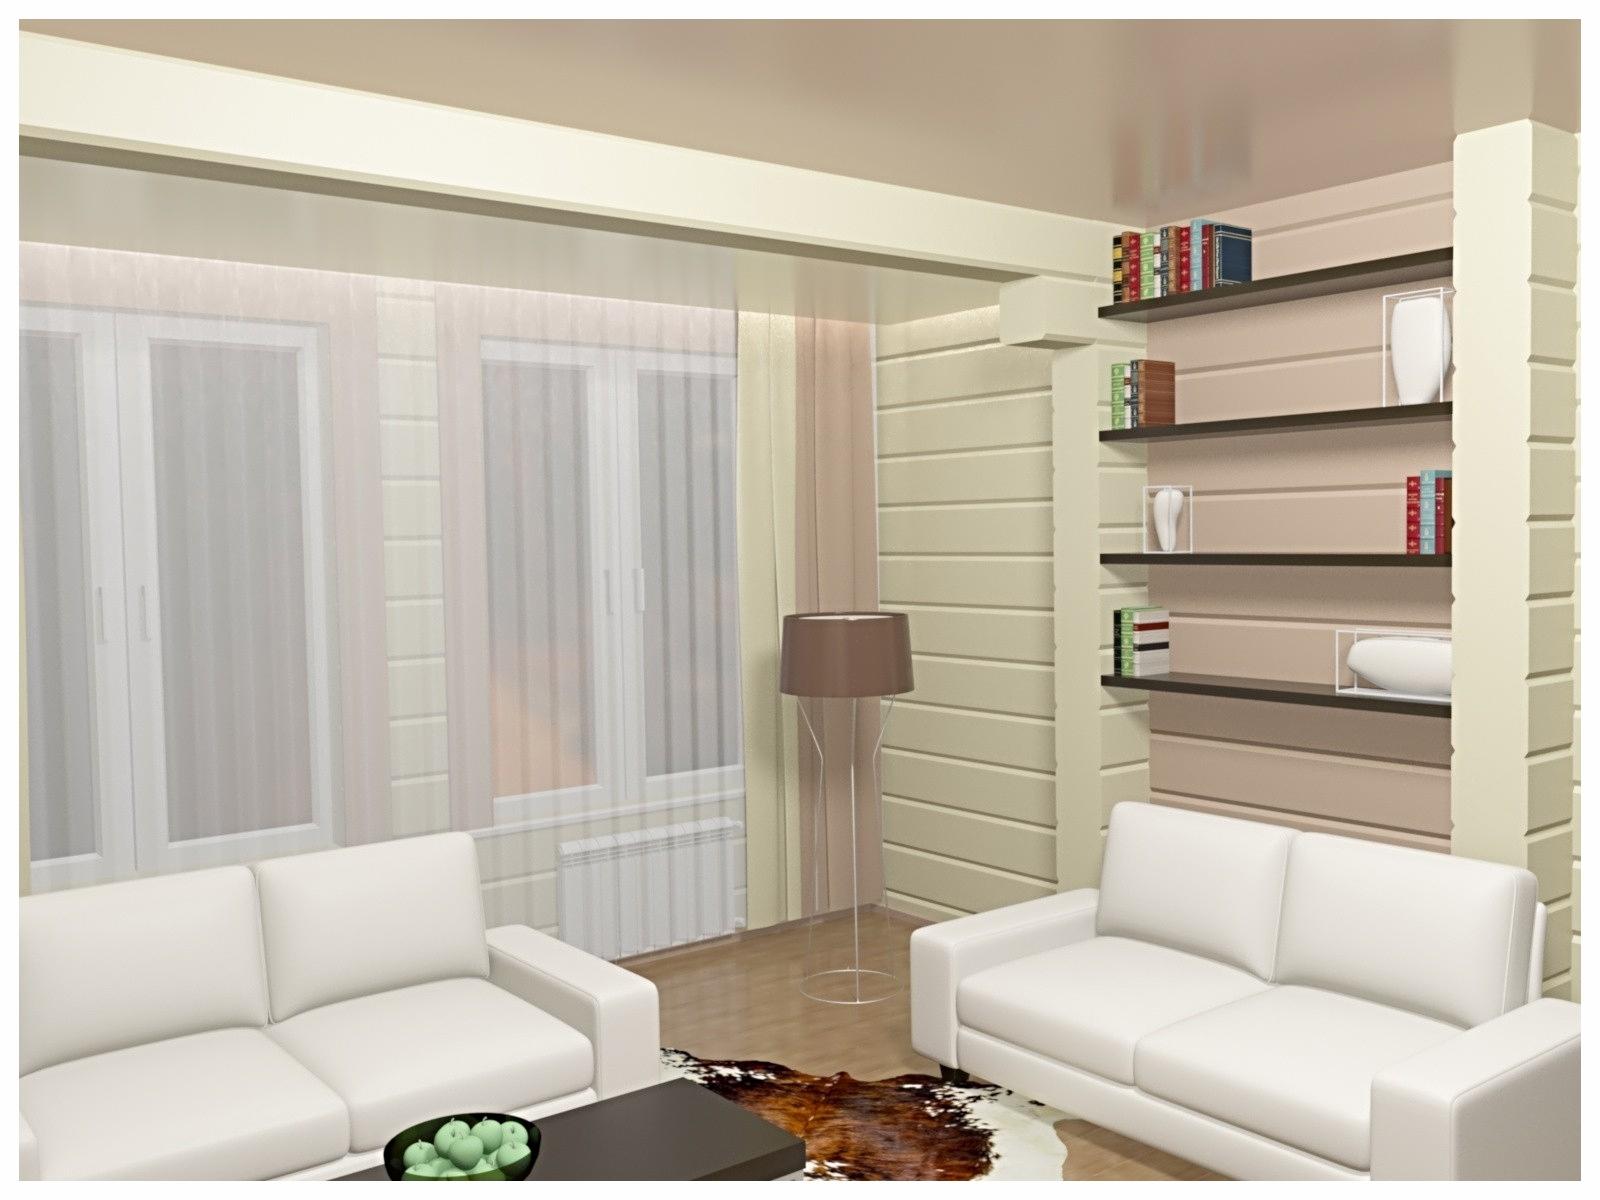 Дизайн интерьеров в коттедже из бруса по договору на дизайн проект. Зона мягкой мебели.